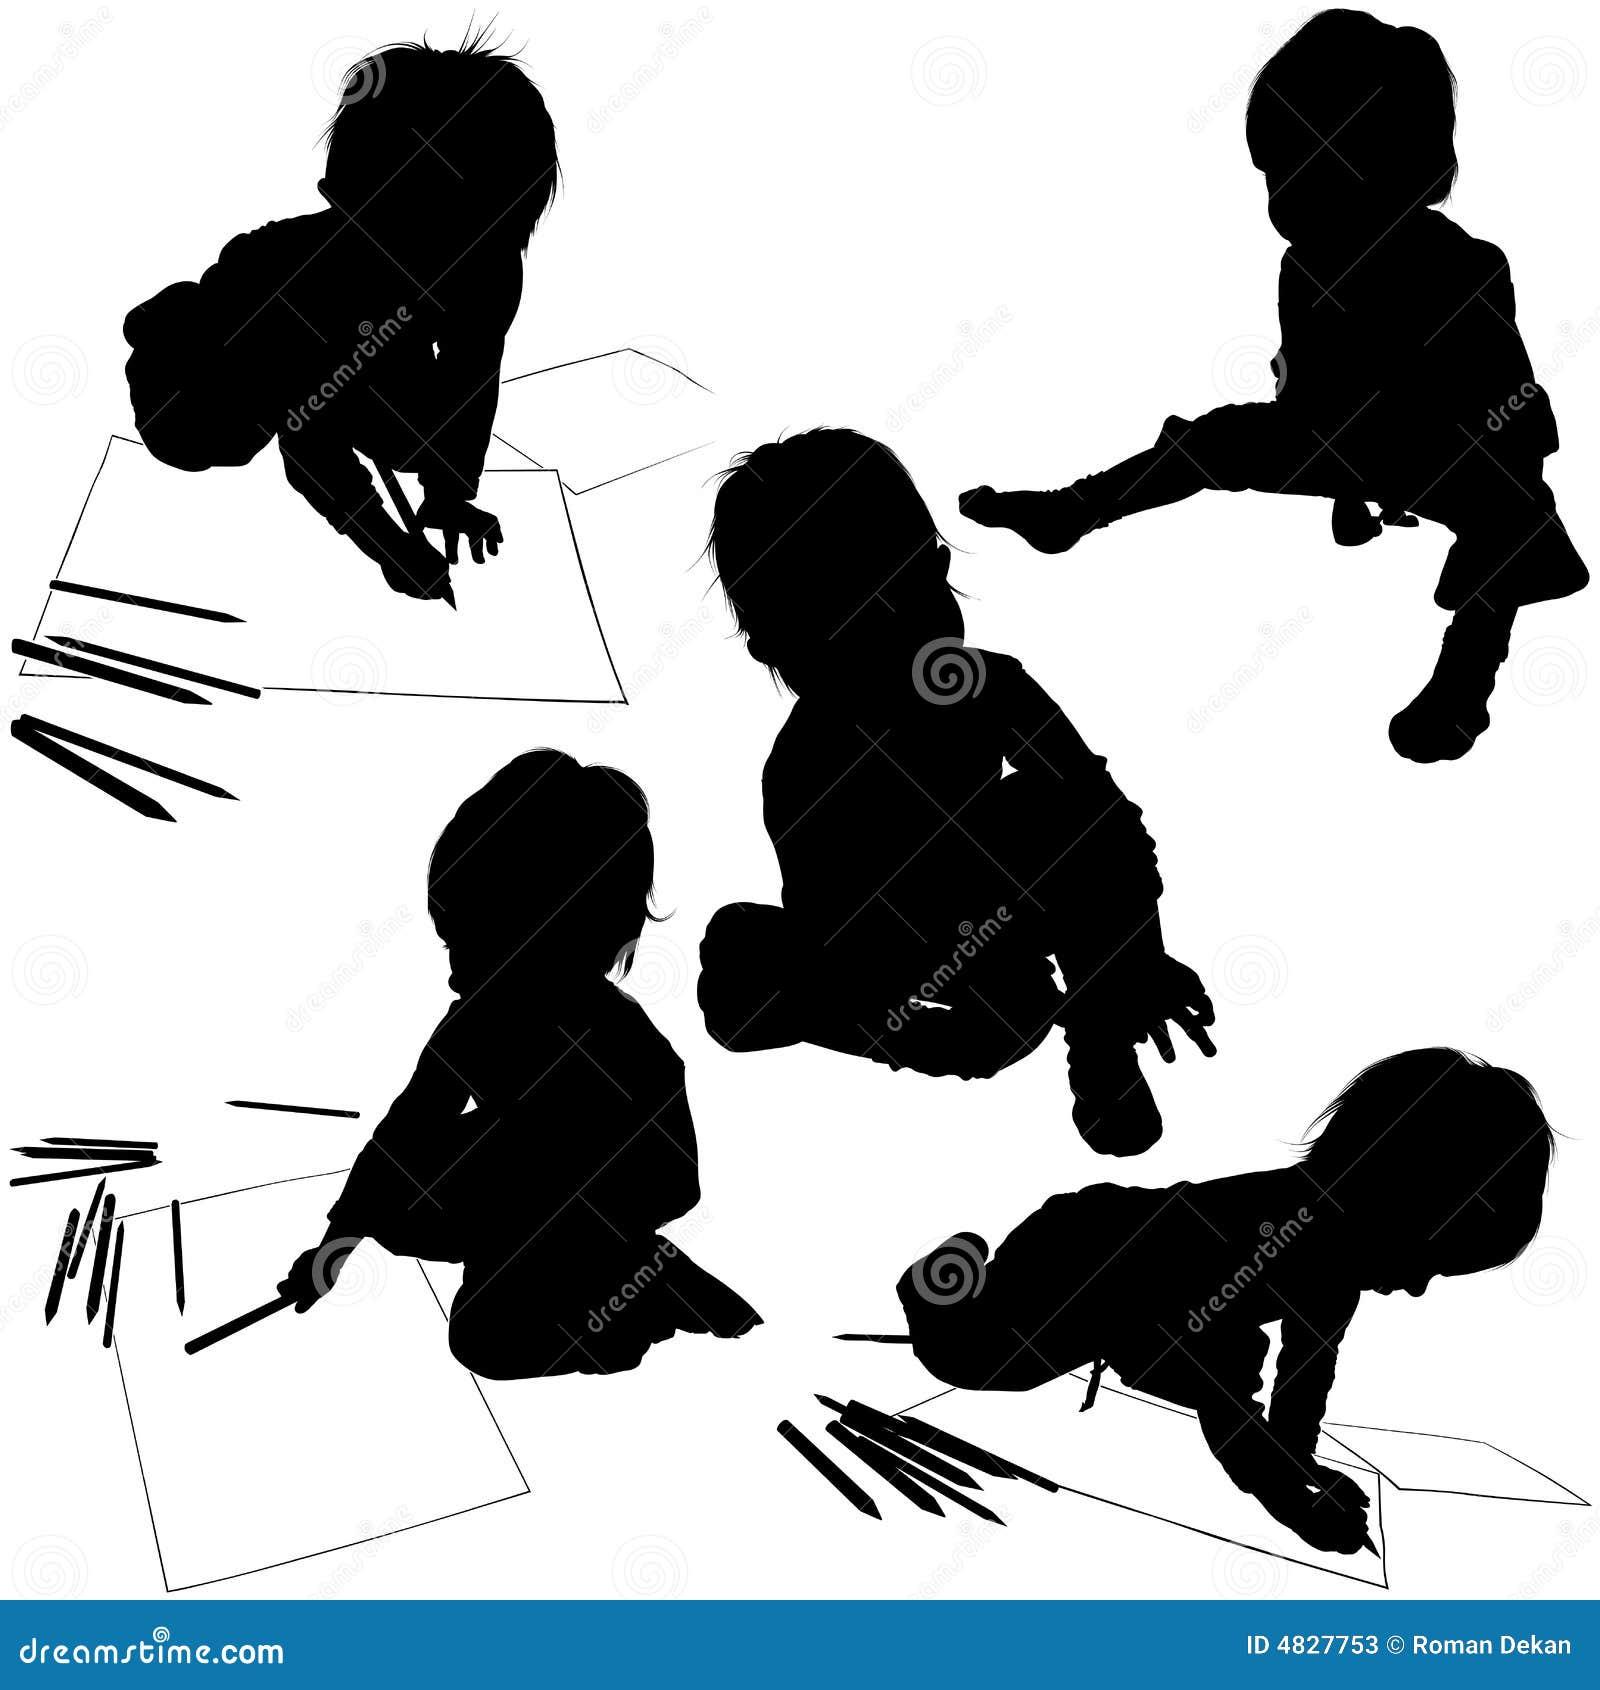 Schattenbilder 04 der kinder stockfotos bild 4827753 - Schattenbilder kinder ...